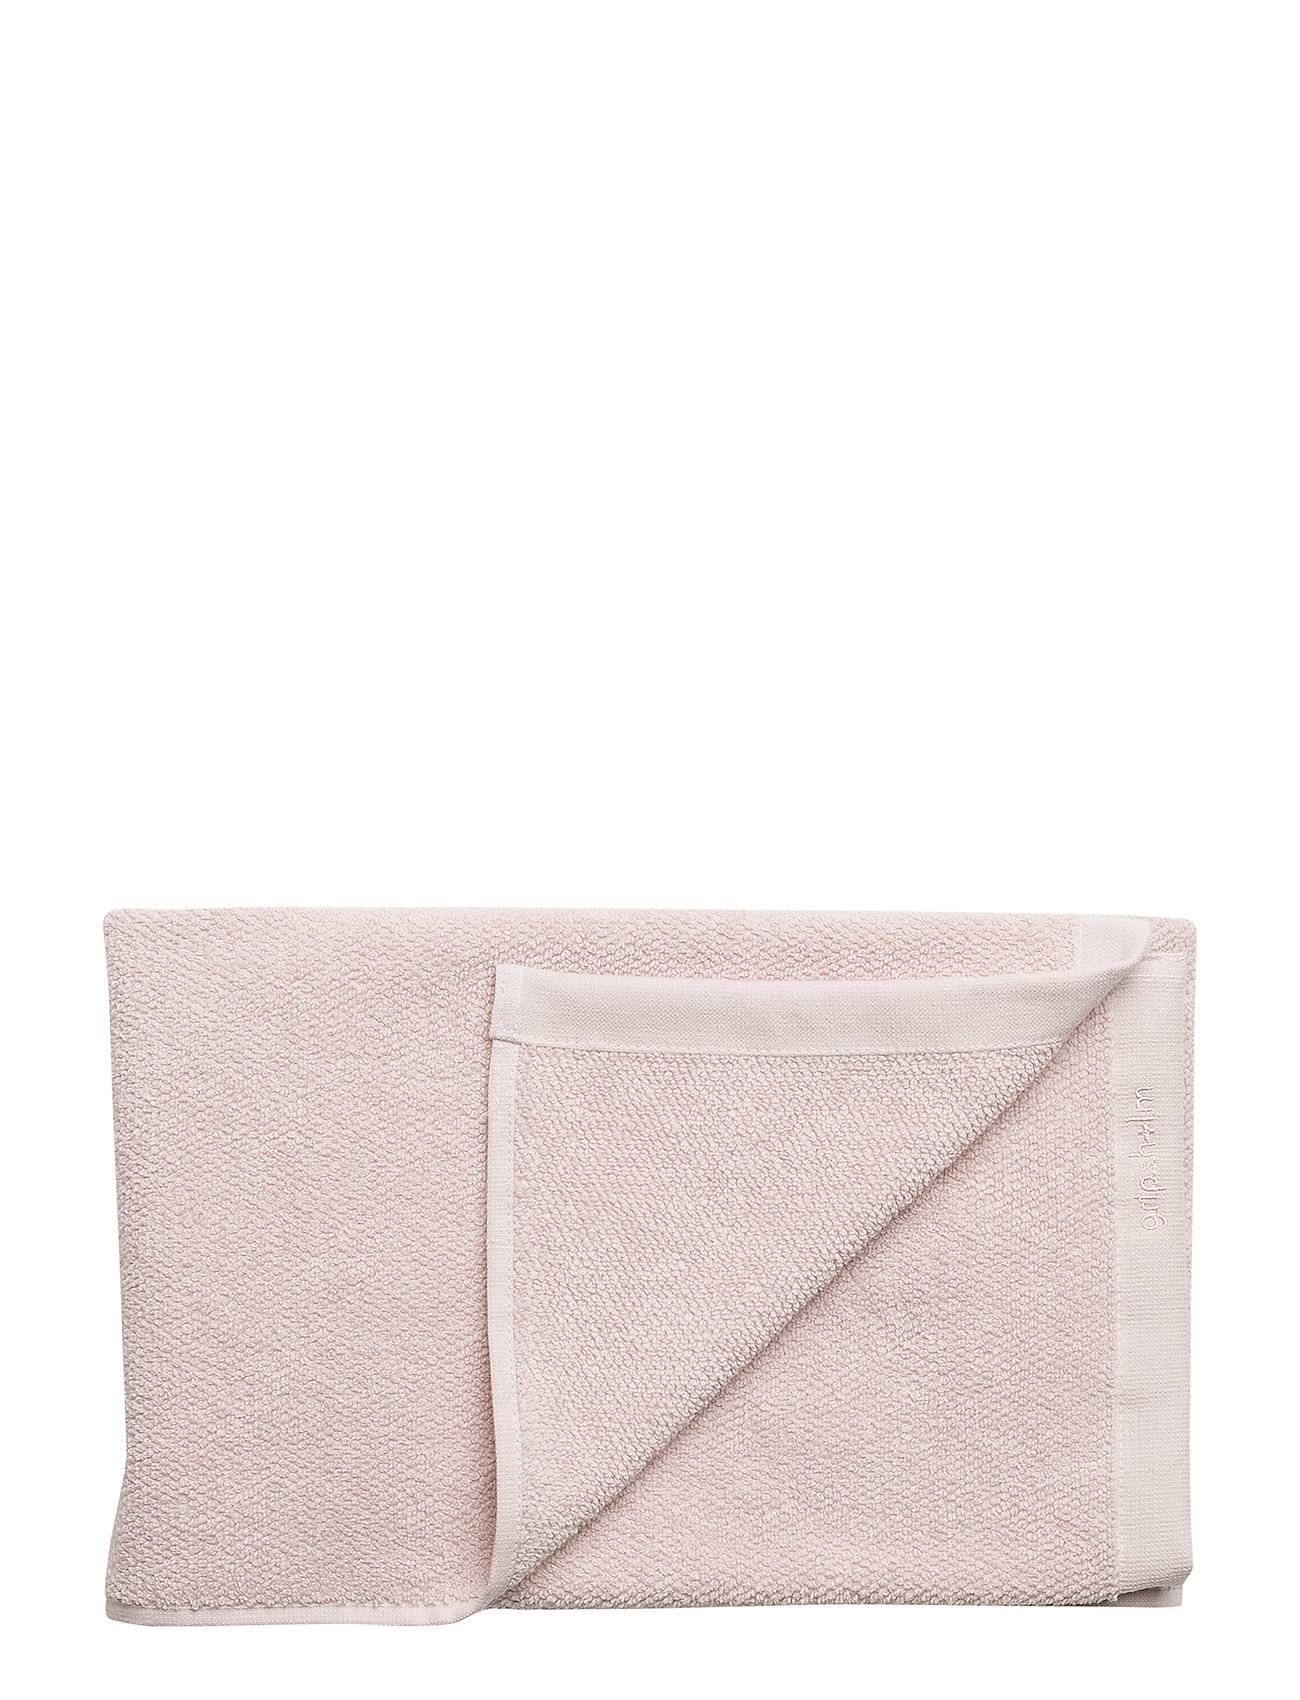 Gripsholm Bath Towel Cotton Linen